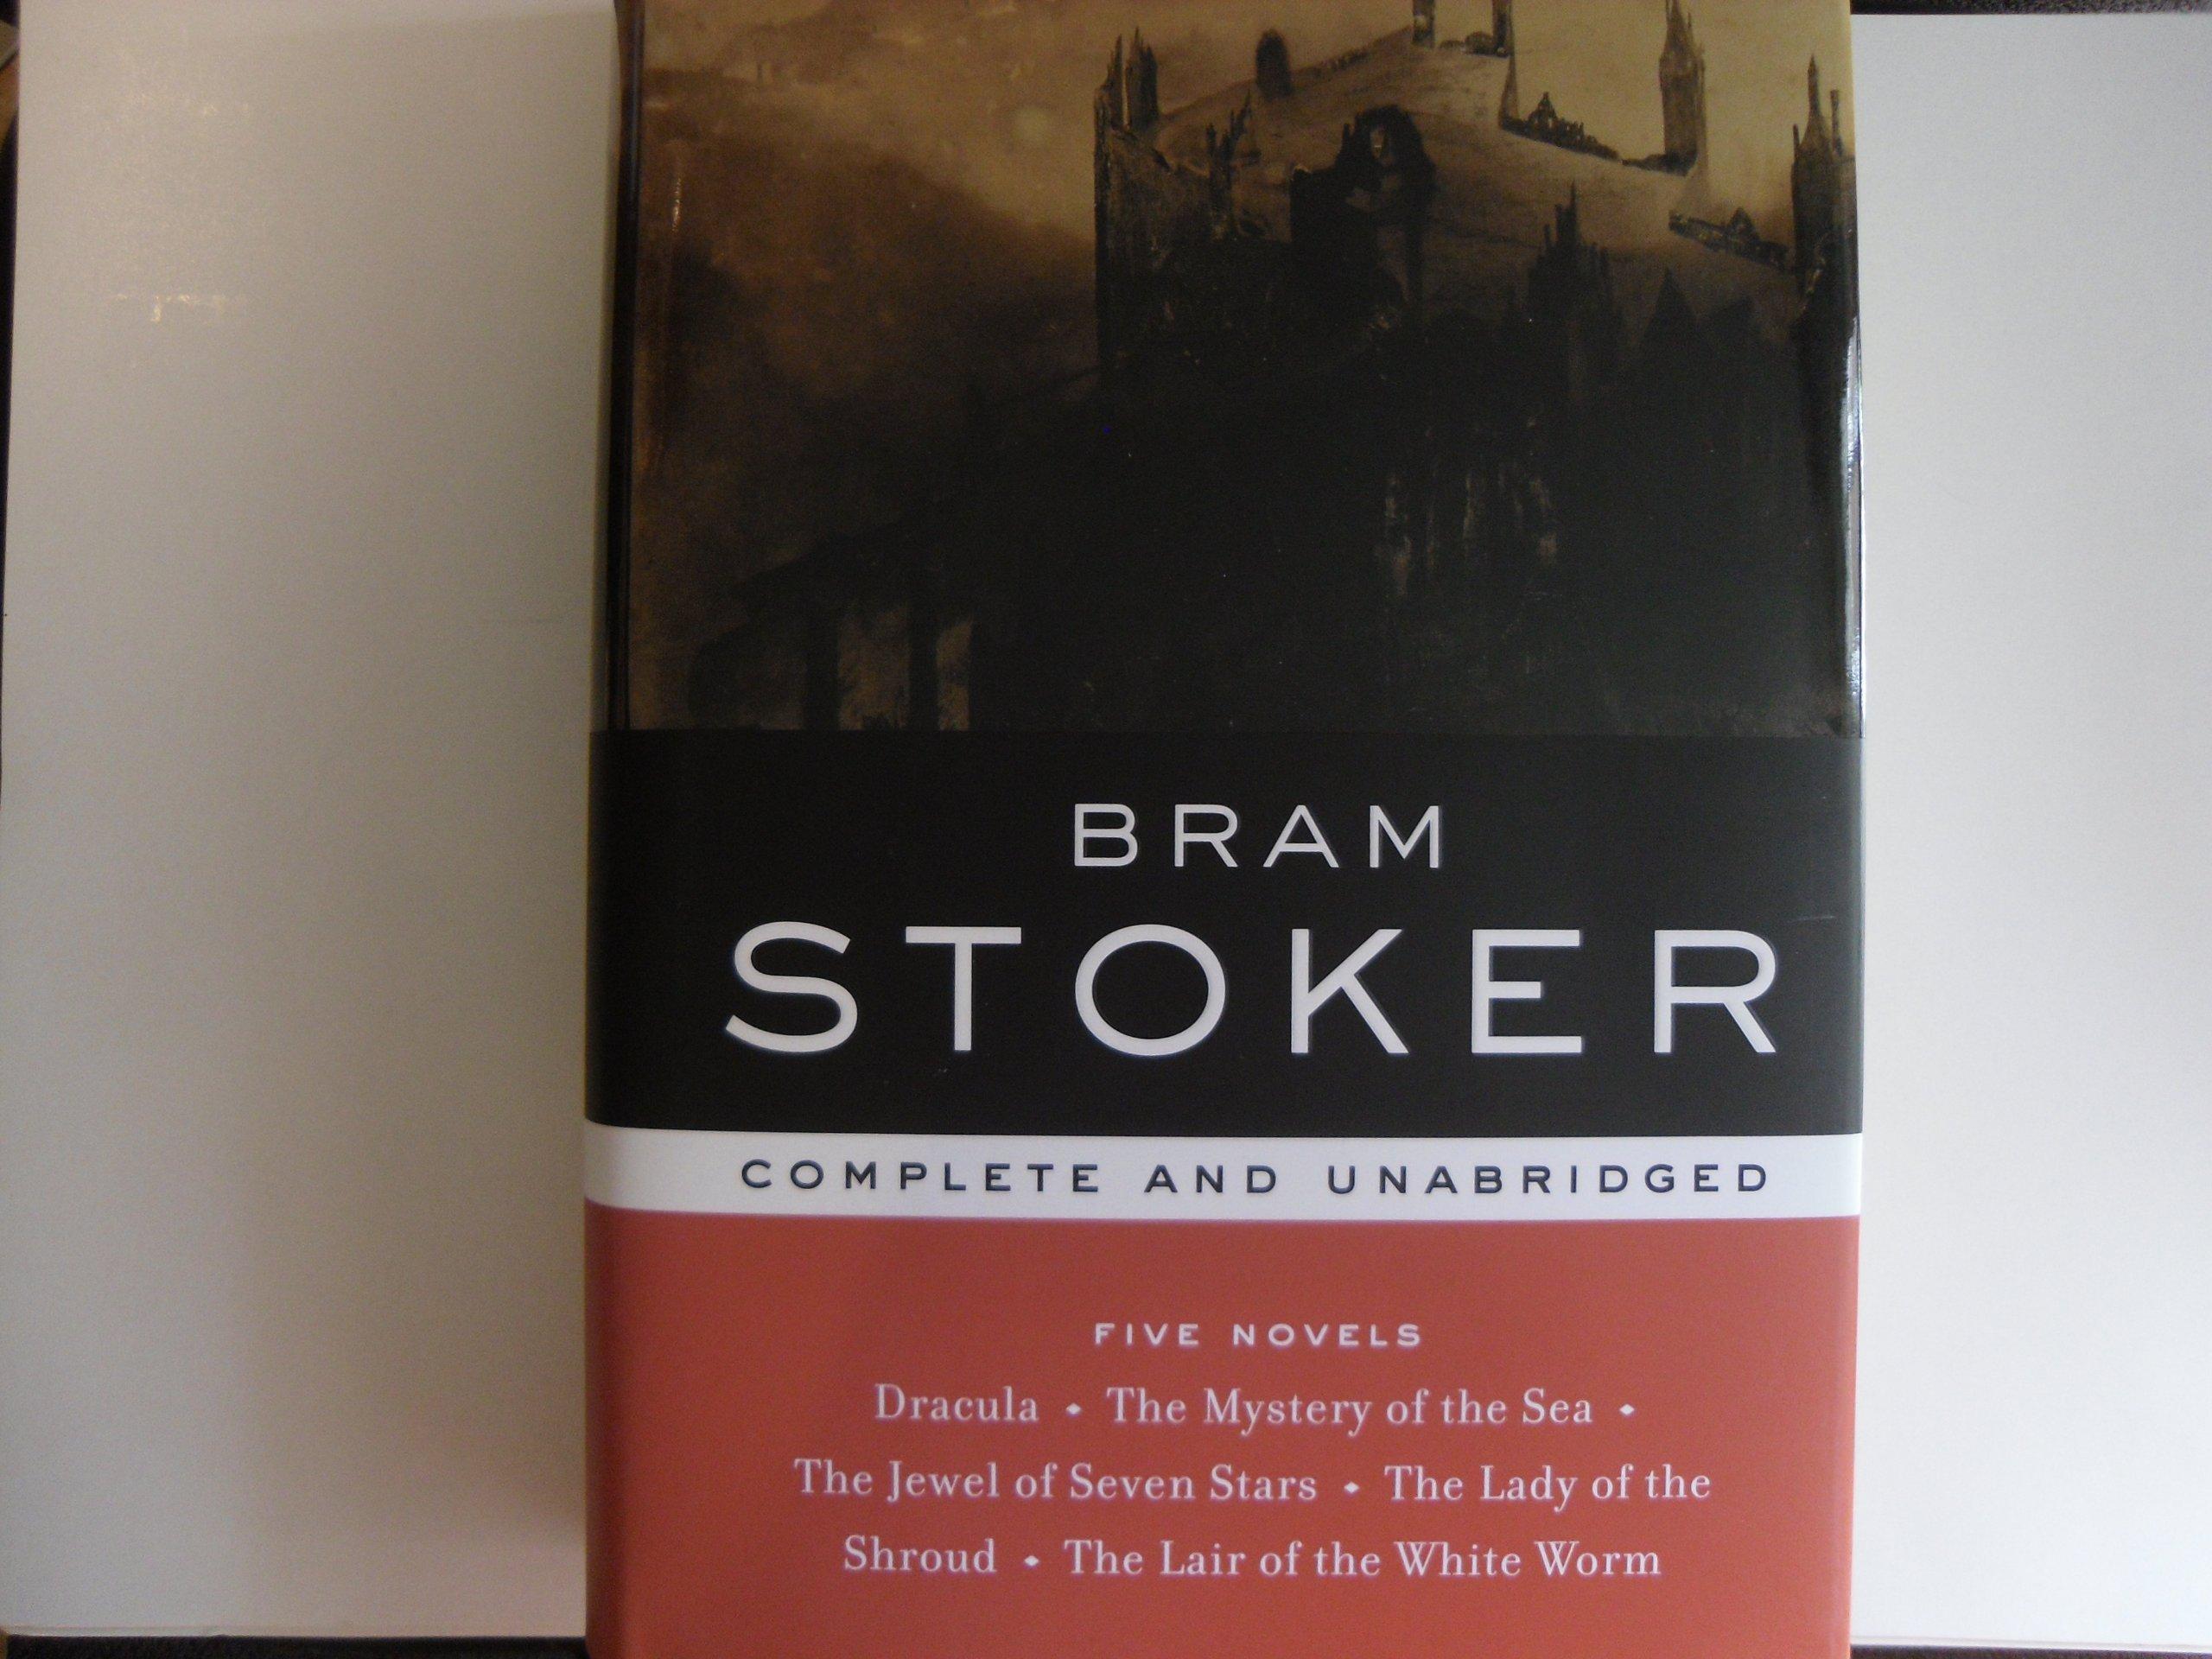 Bram Stoker Complete Unabridged Essential